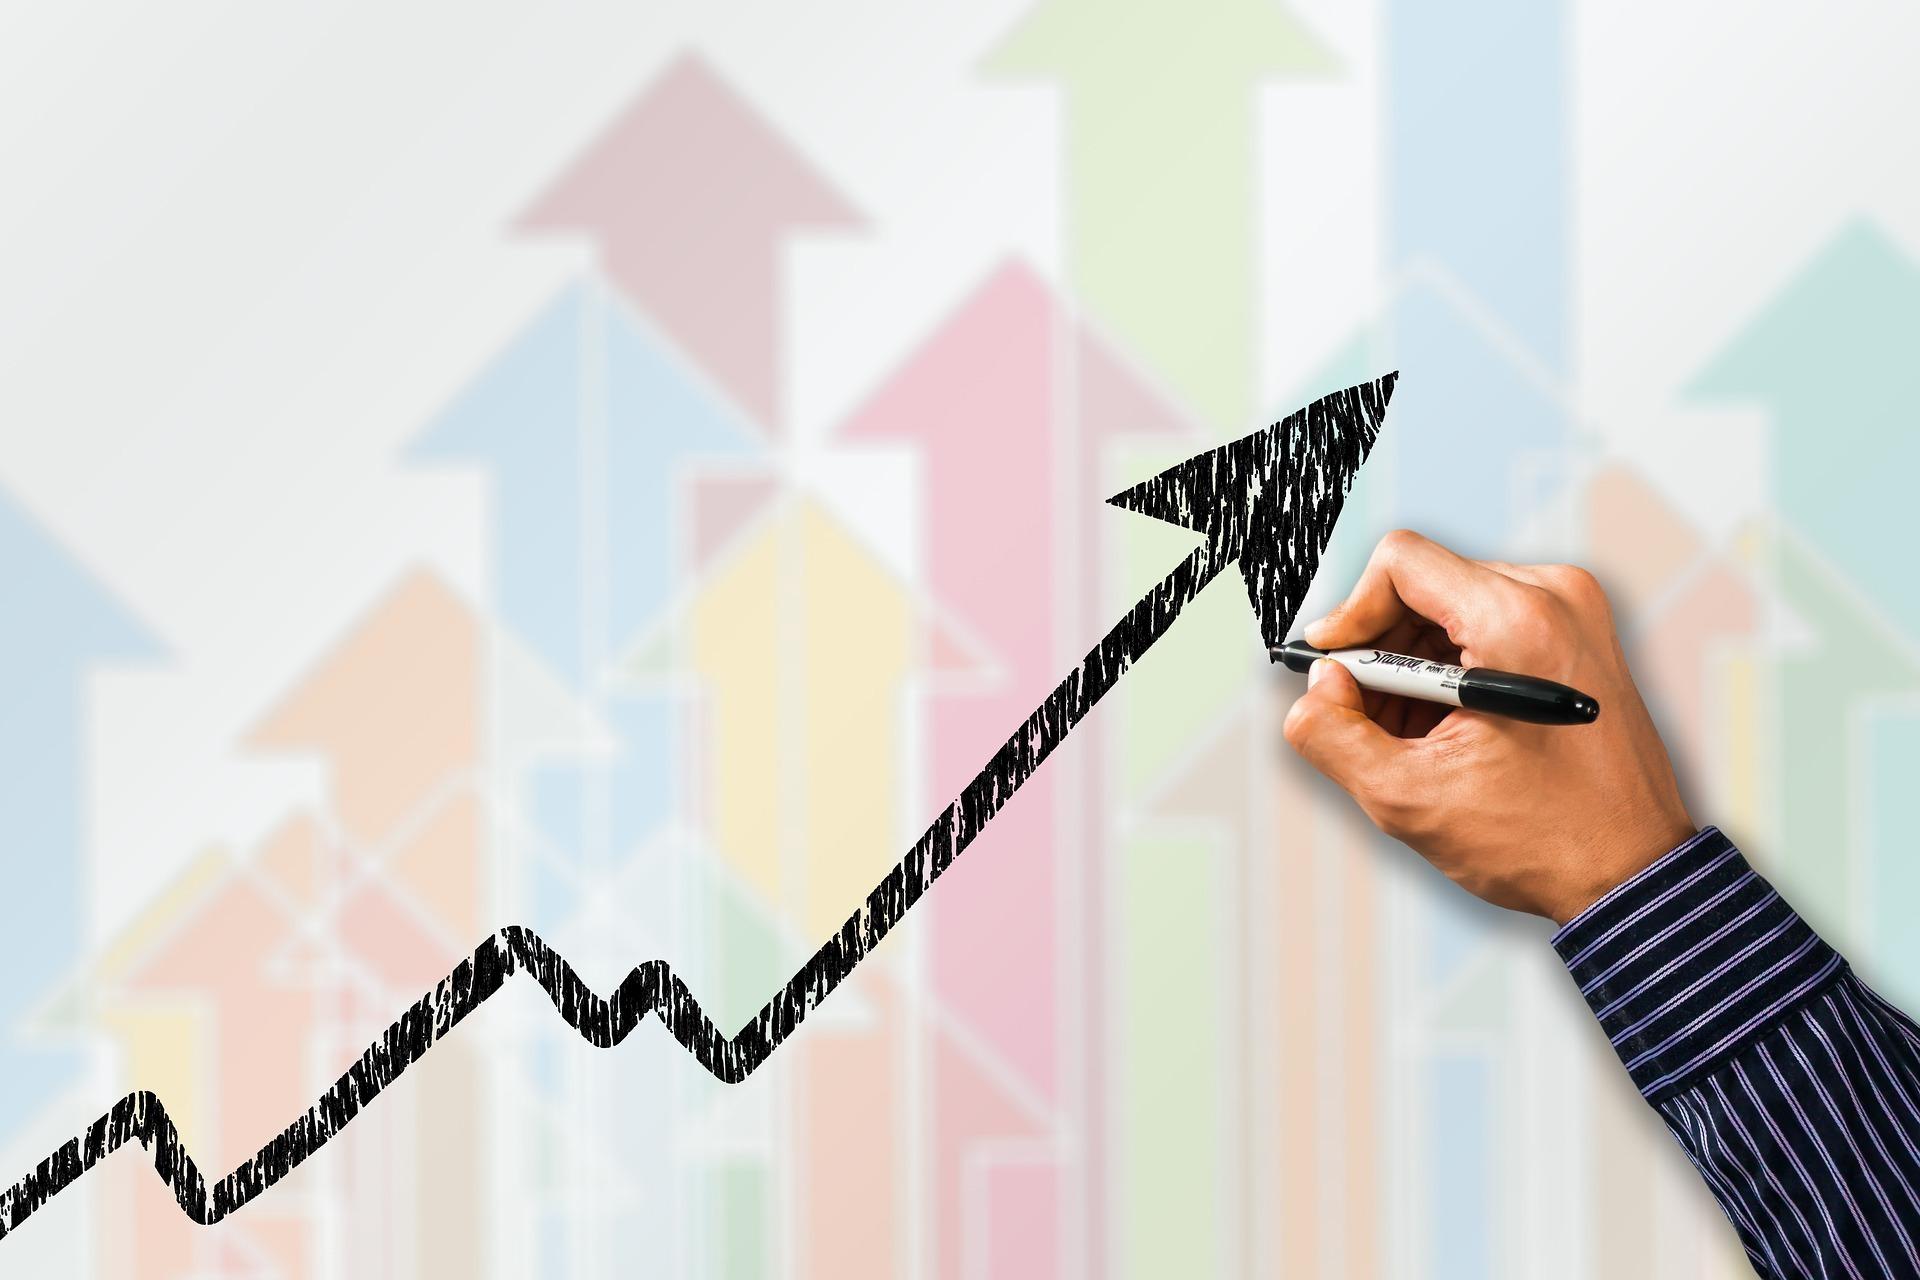 電商發展逐漸成熟,看電商發展的下一個熱點